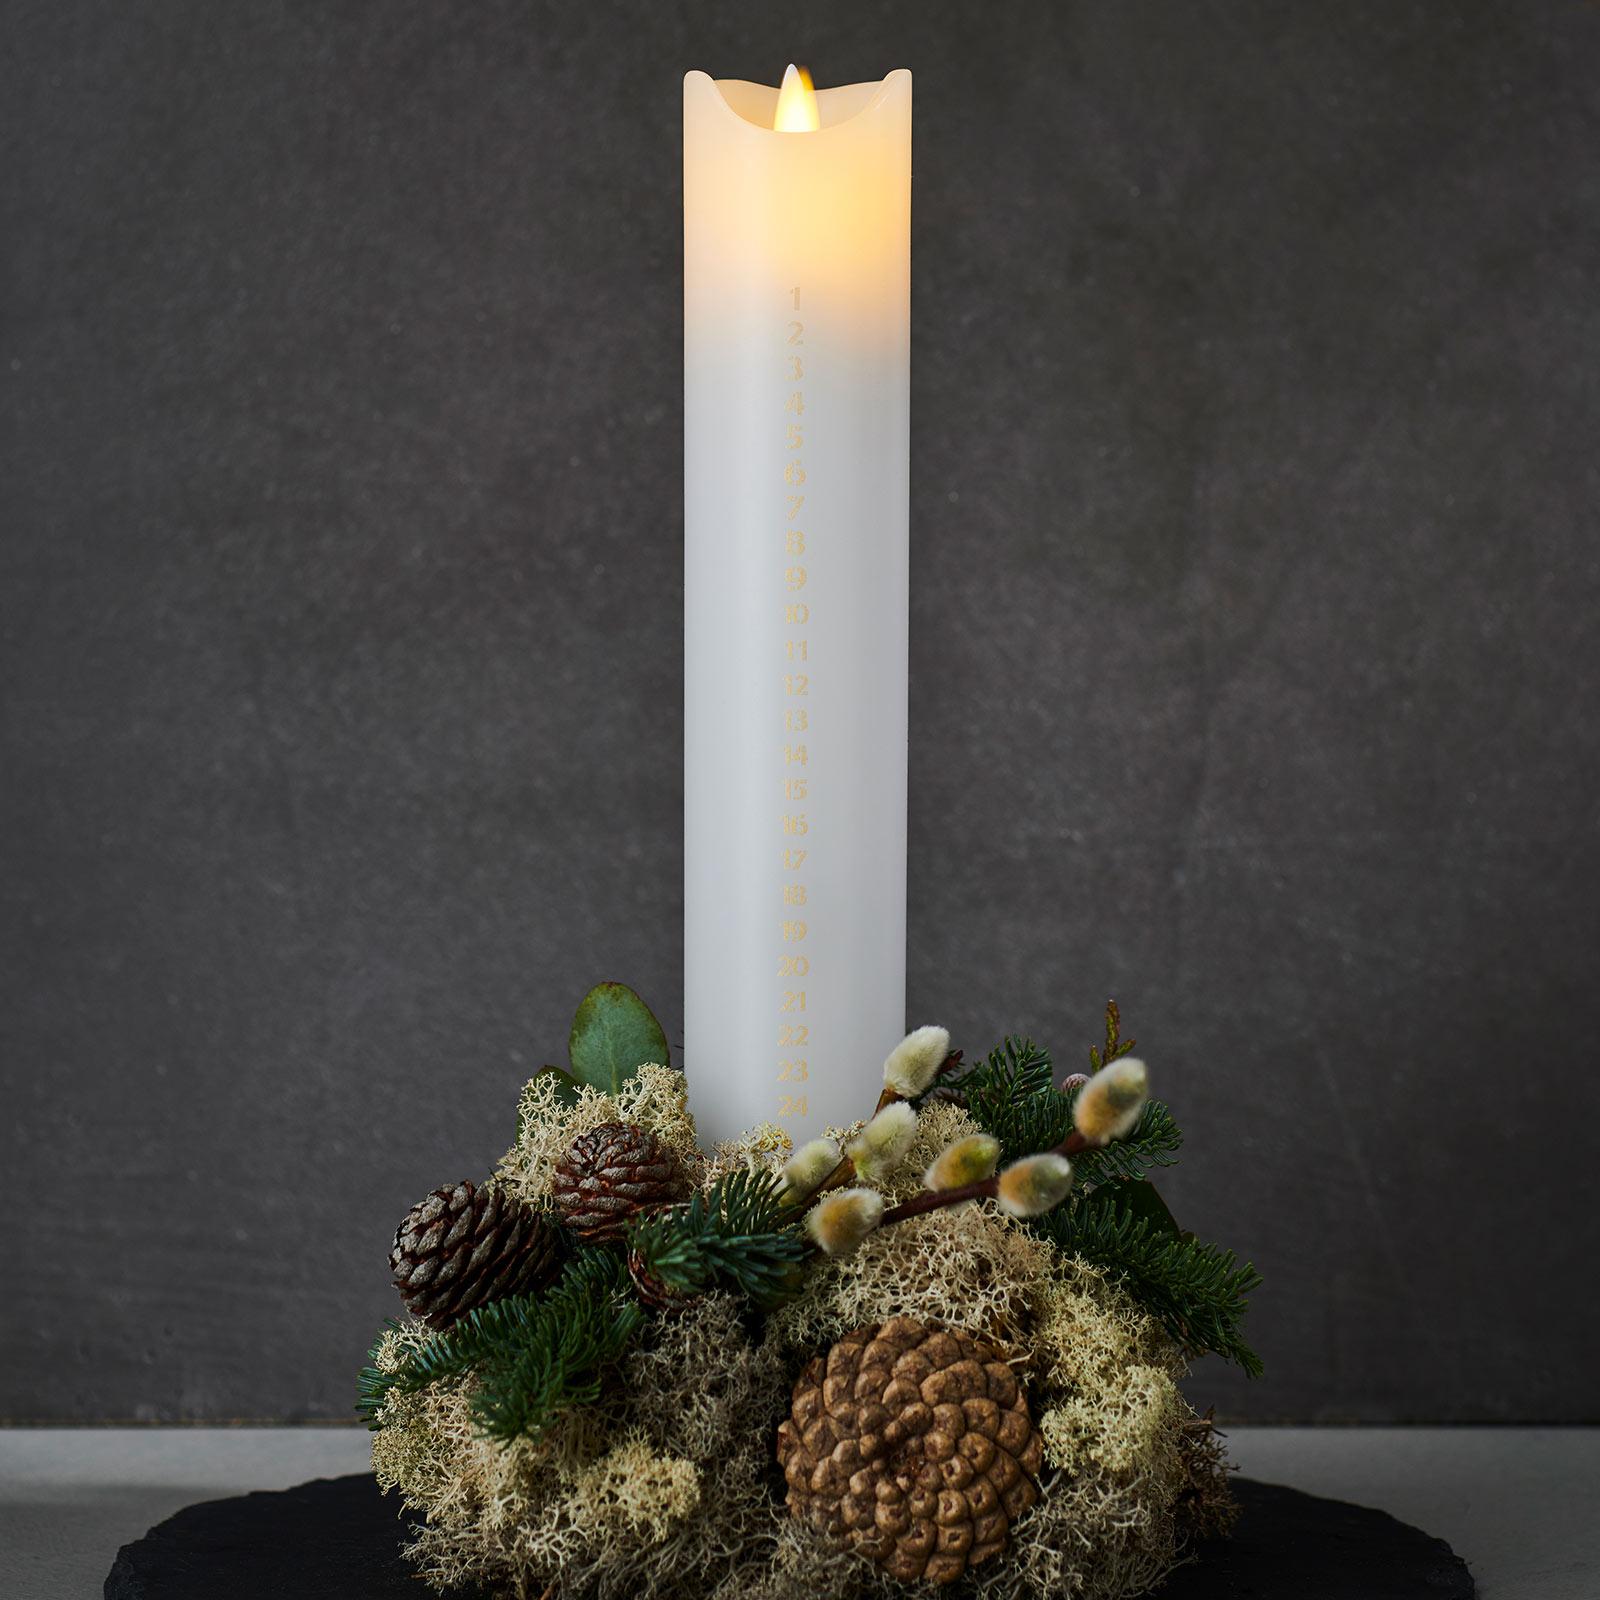 LED-kaars Sara-kalender, wit/goud, hoogte 29 cm